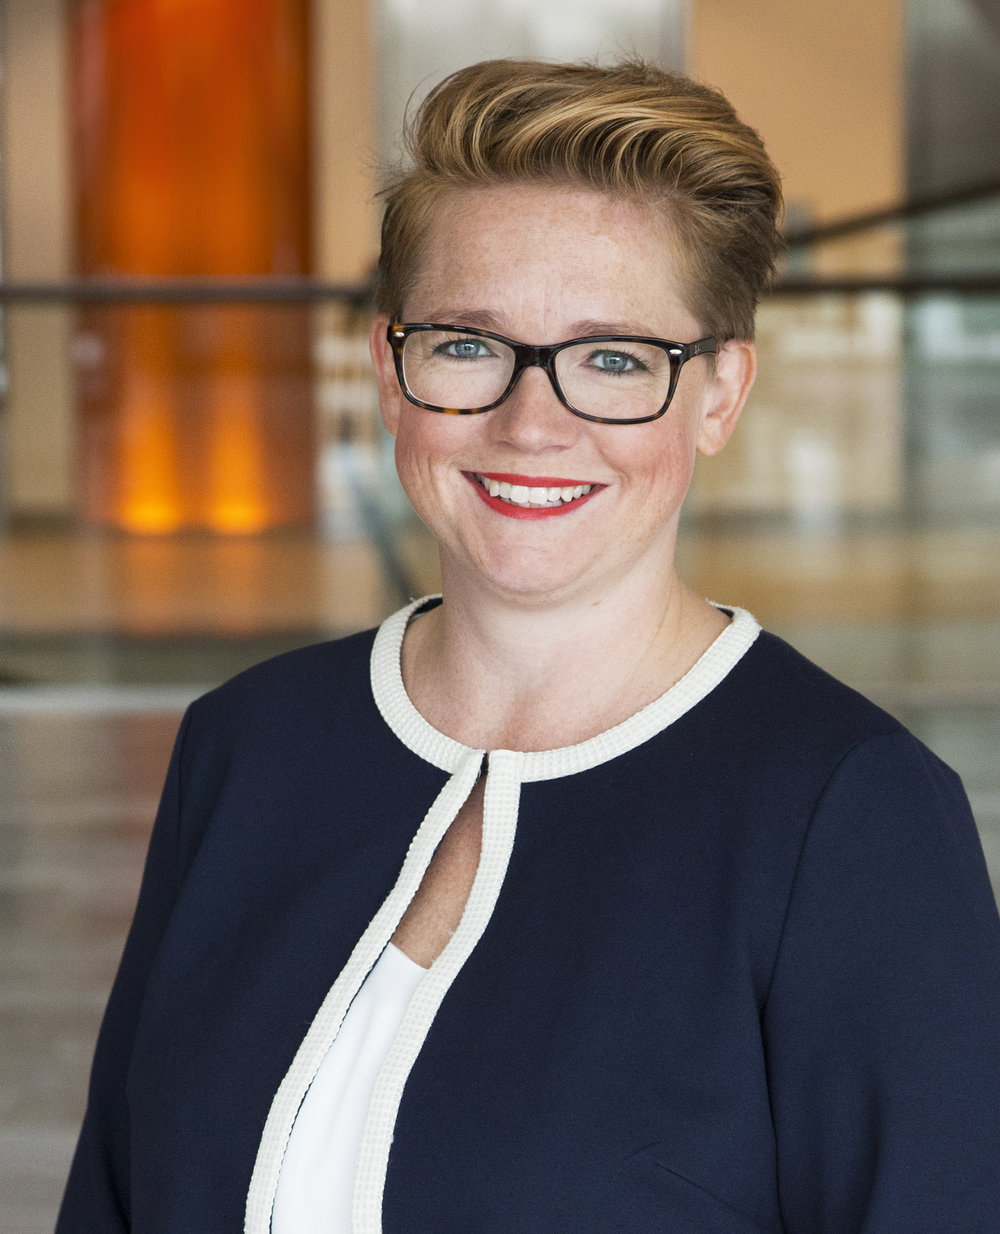 Pernilla Nordström, Senior riskkonsult, PwC Pernilla Nordström har 15 års erfarenhet av arbete med informationssäkerhet och riskfrågor i linjeroll och som konsult, både i Sverige och utomlands. Hon arbetar med att driva GDPR-relaterade projekt i Öresundsregionen tillsammans med de lokala experterna inom GDPR- och informationssäkerhet. Uppdraget är att identifiera effektiva sätt att implementera de nya kraven kring personuppgifter till maj 2018.